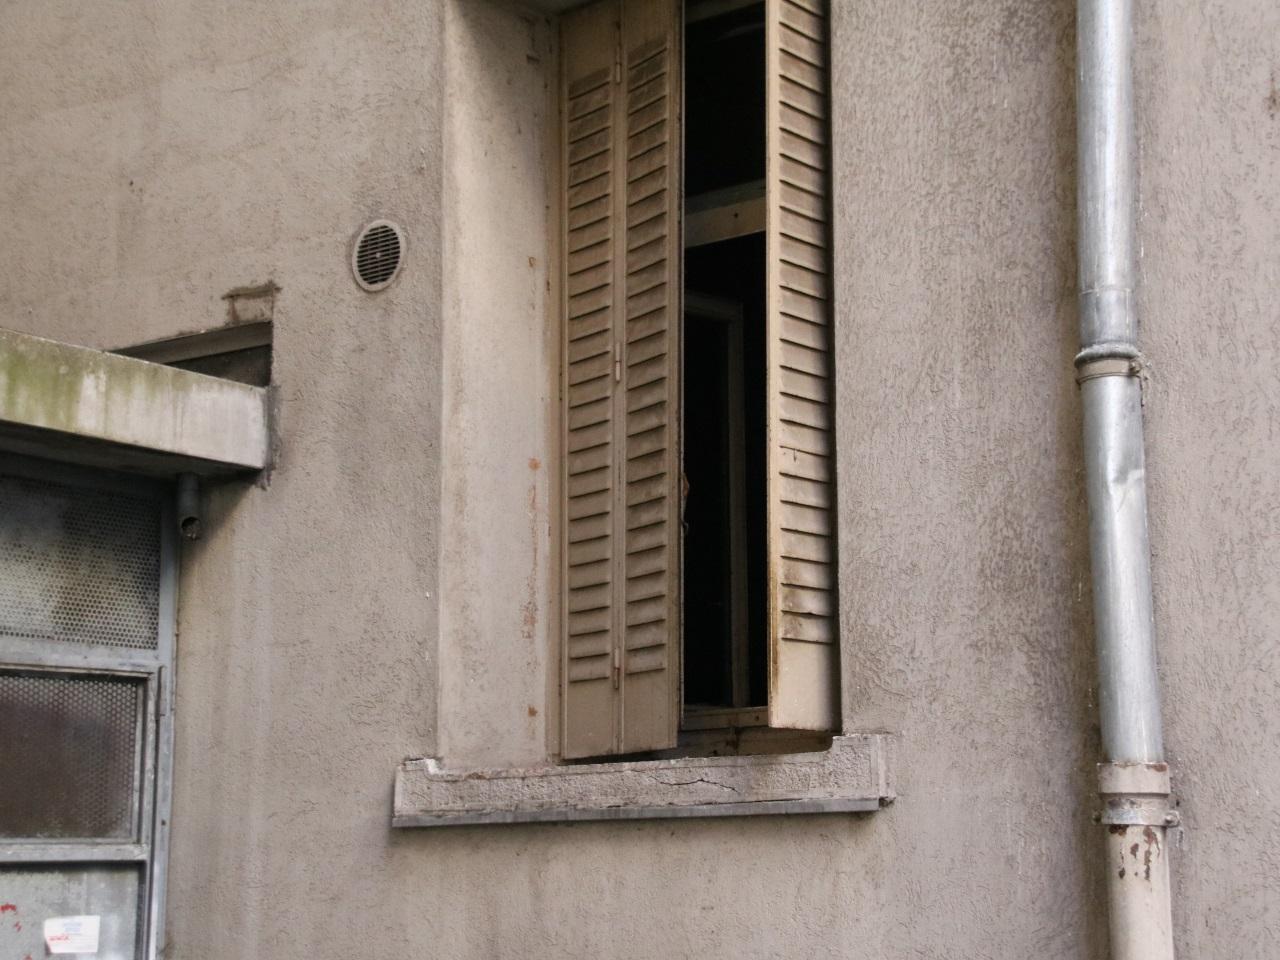 C'est par cette fenêtre que les jeunes continuent à venir - LyonMag